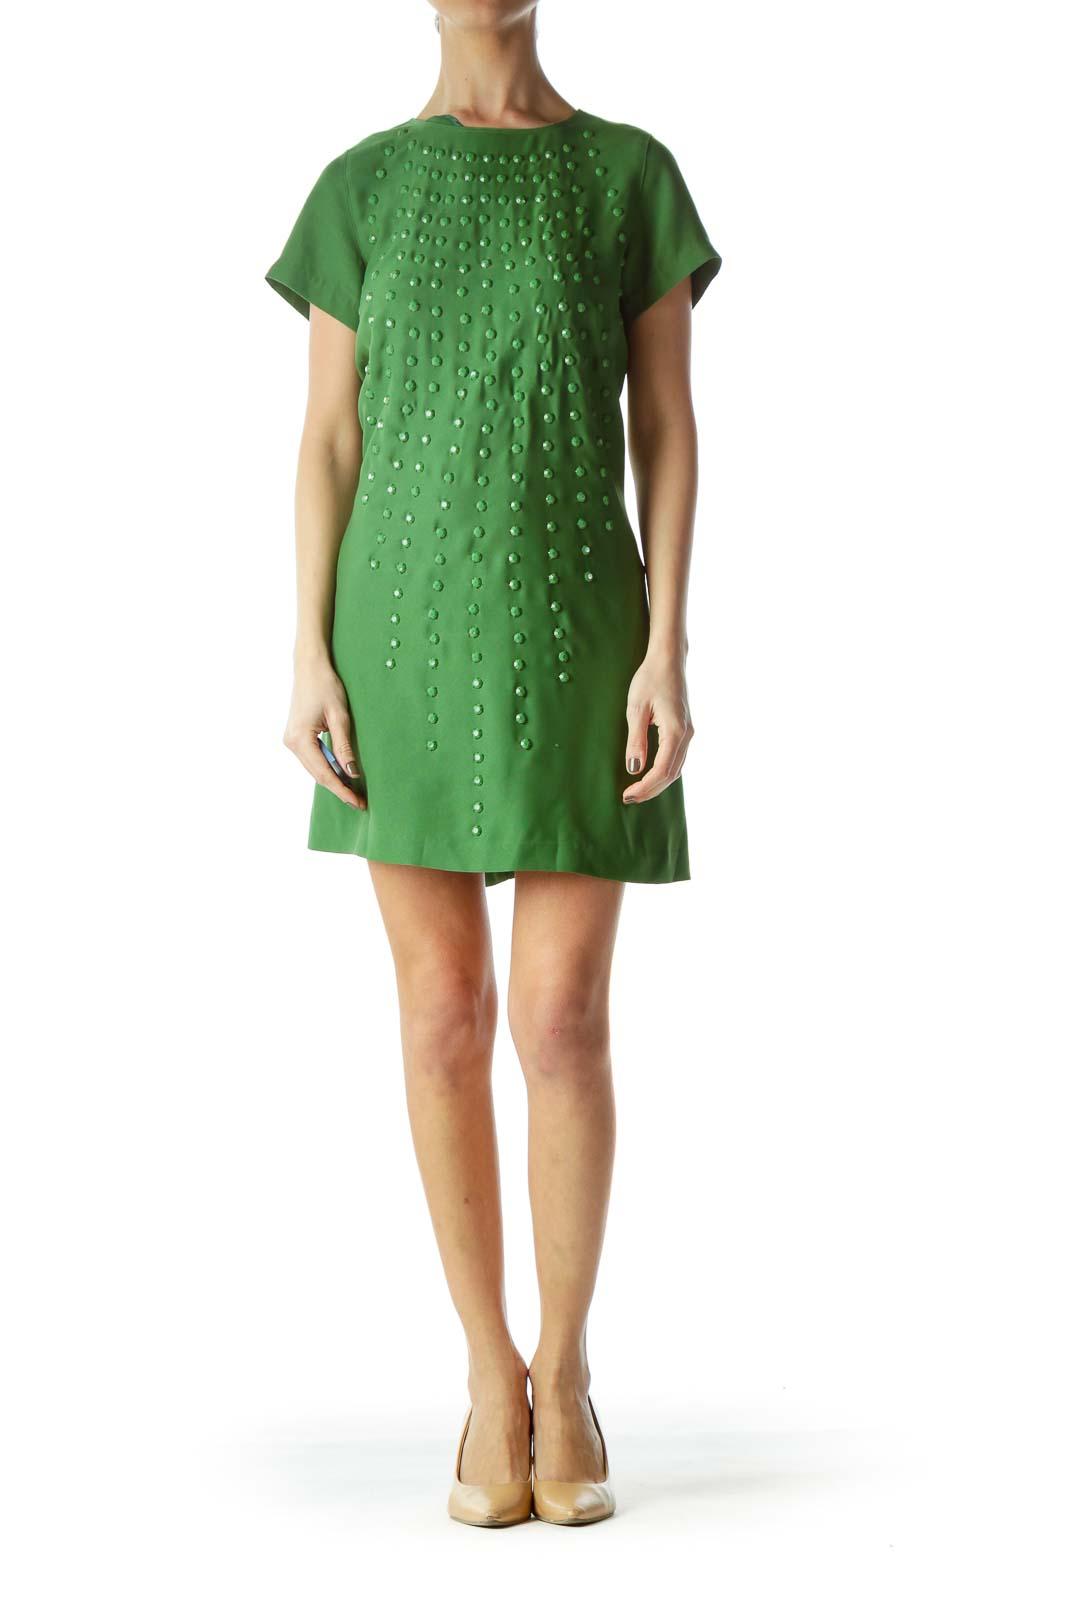 Green Studded Short Sleeve Dress